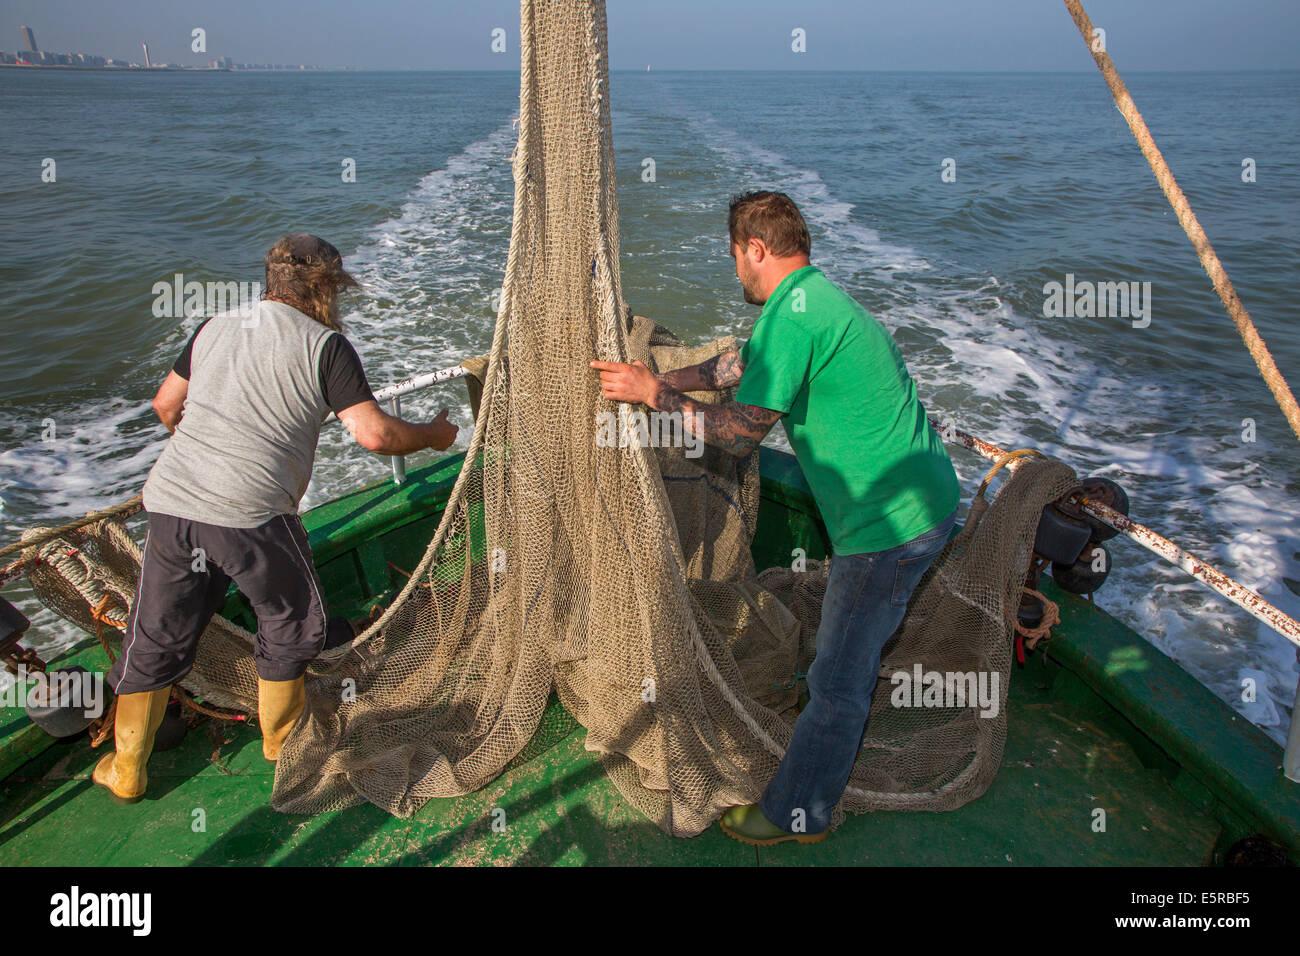 Los pescadores preparando red de pesca a bordo del barco de pesca de camarones camarones en el Mar del Norte Foto de stock